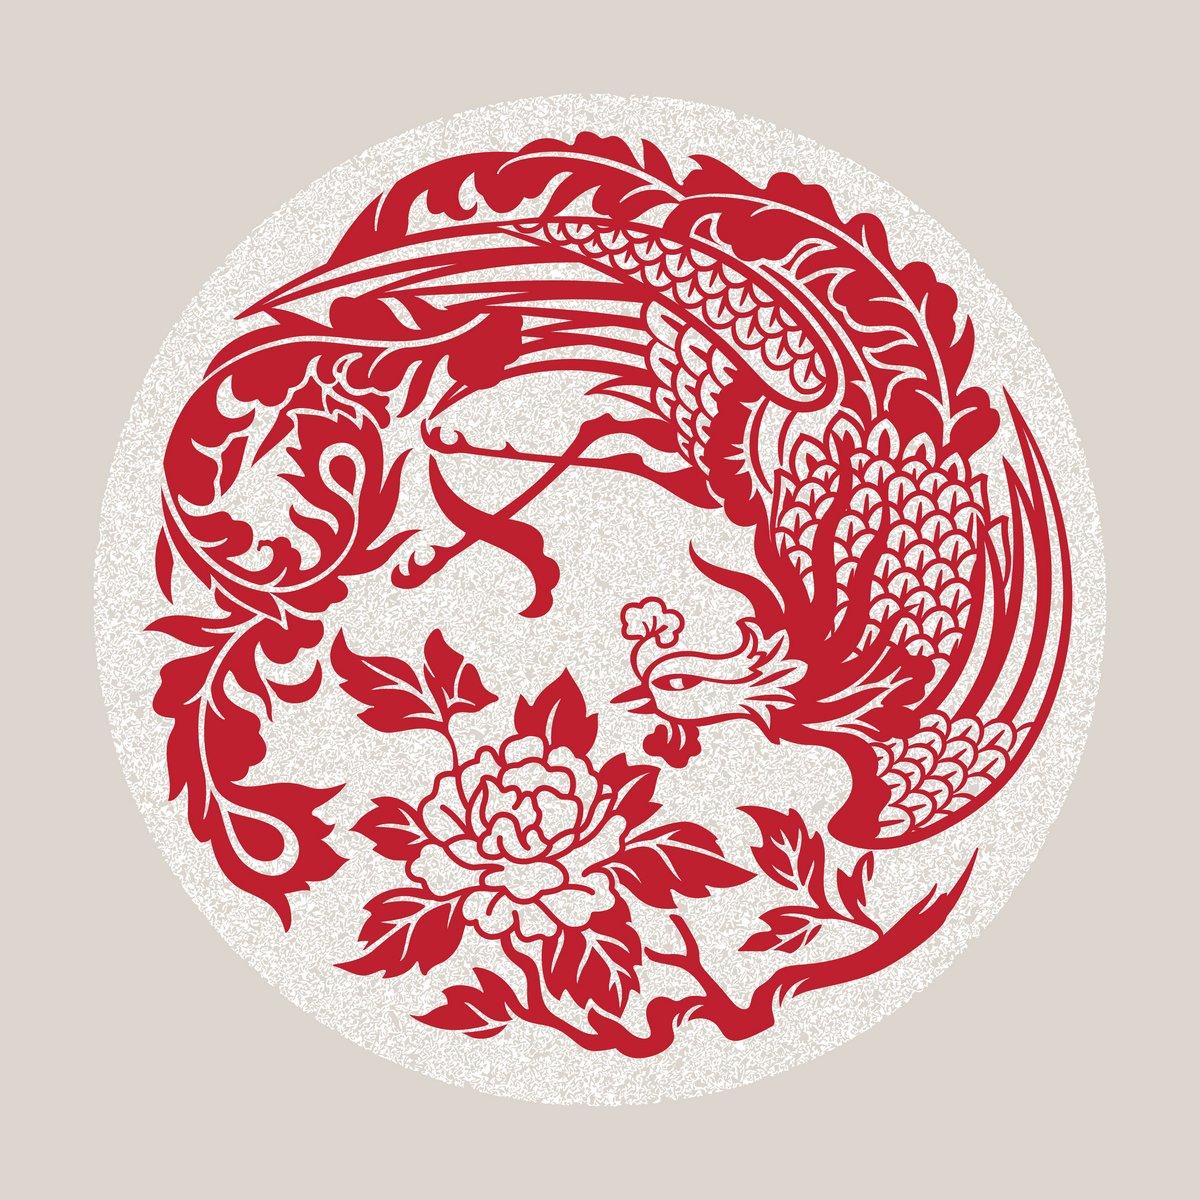 Птица Феникс, картина Векторная иллюстрация мифологических животных - китайский ФениксПтица Феникс<br>Репродукция на холсте или бумаге. Любого нужного вам размера. В раме или без. Подвес в комплекте. Трехслойная надежная упаковка. Доставим в любую точку России. Вам осталось только повесить картину на стену!<br>